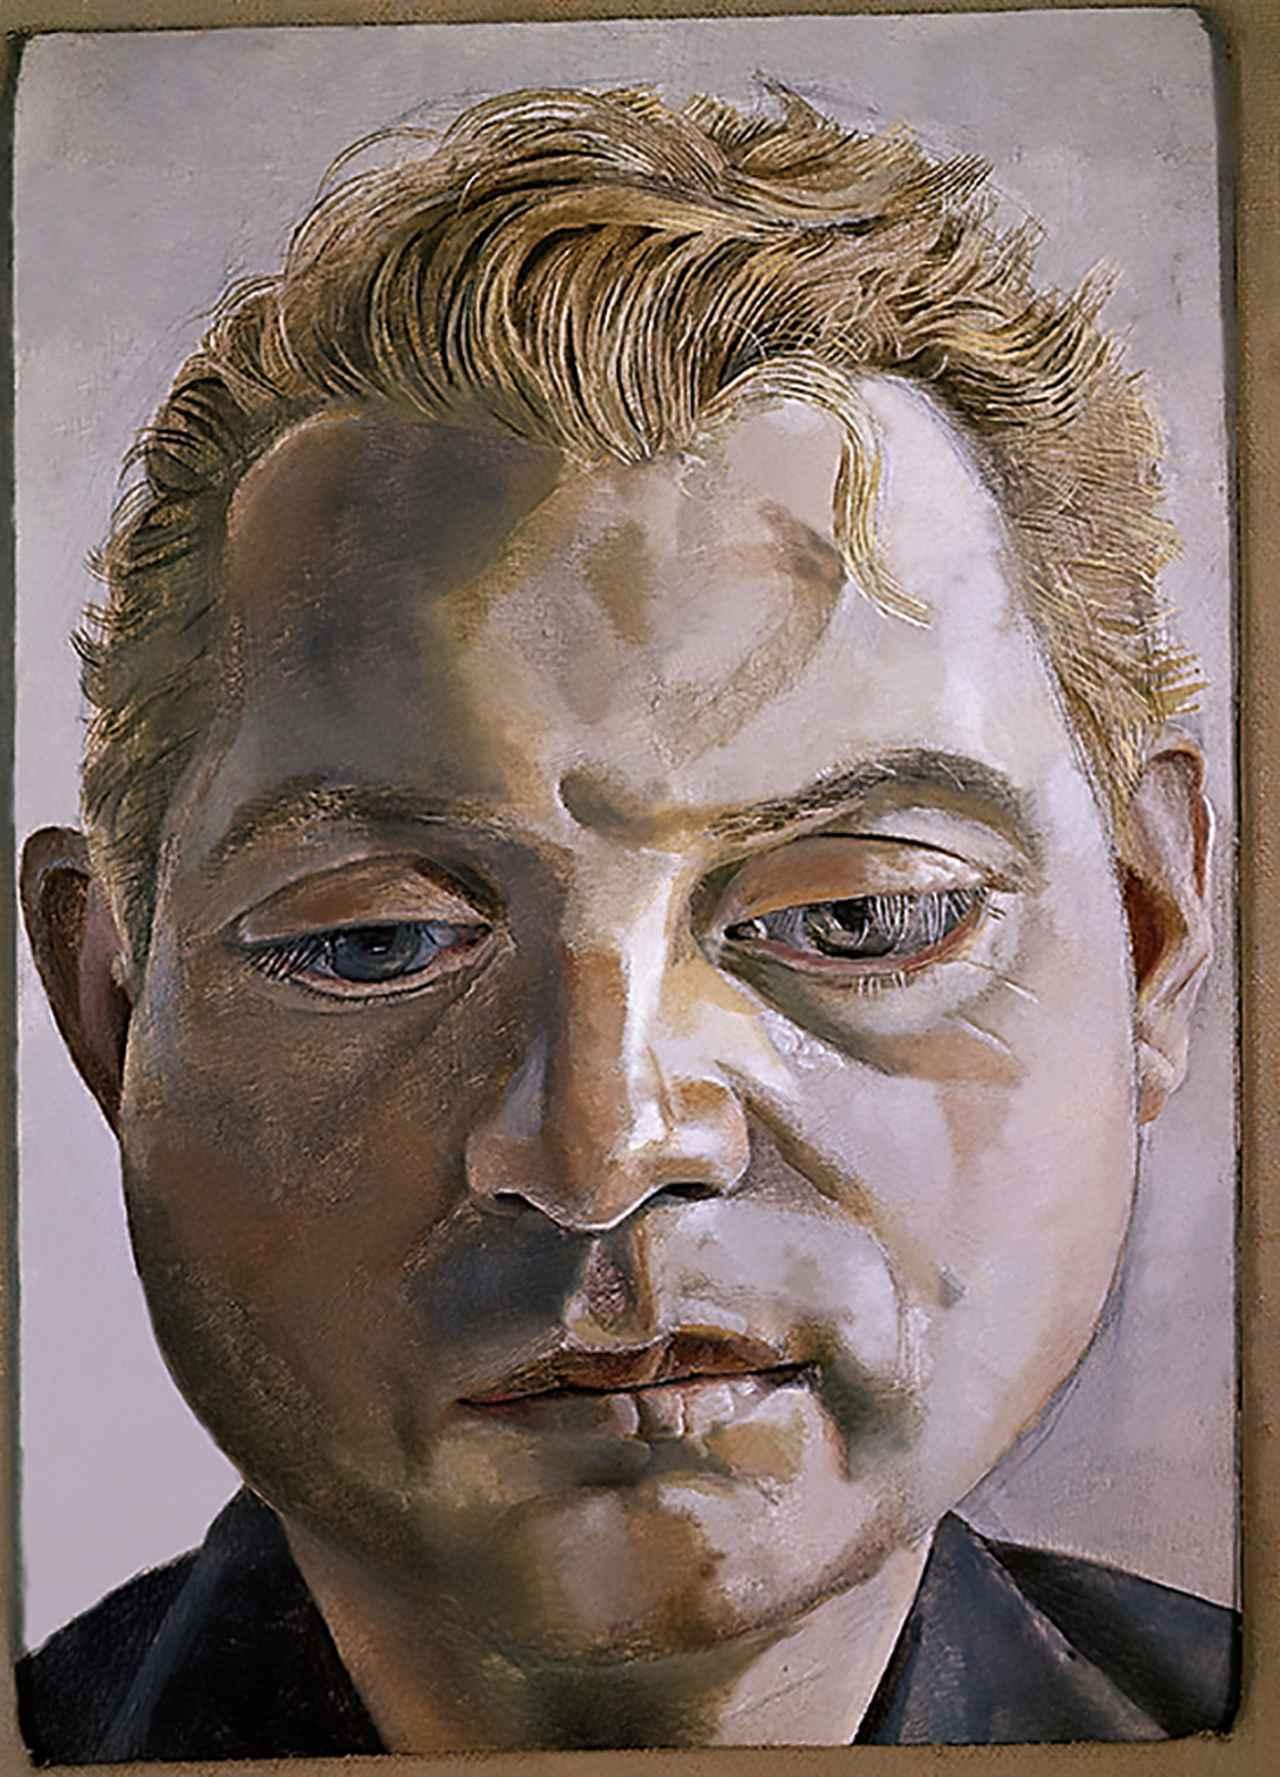 """画像: フロイドによるベーコンの肖像画。1964年制作。ふたりは交友関係が始まって間もなく作品の交換を始めた LUCIAN FREUD, """"FRANCIS BACON,"""" 1952, PAINTING STOLEN IN 1988 DURING AN EXHIBITION IN BERLIN, ALBUM/ART RESOURCE, N.Y. © THE LUCIAN FREUD ARCHIVE/ALBUM/ORONOZ/NEWSCOM"""